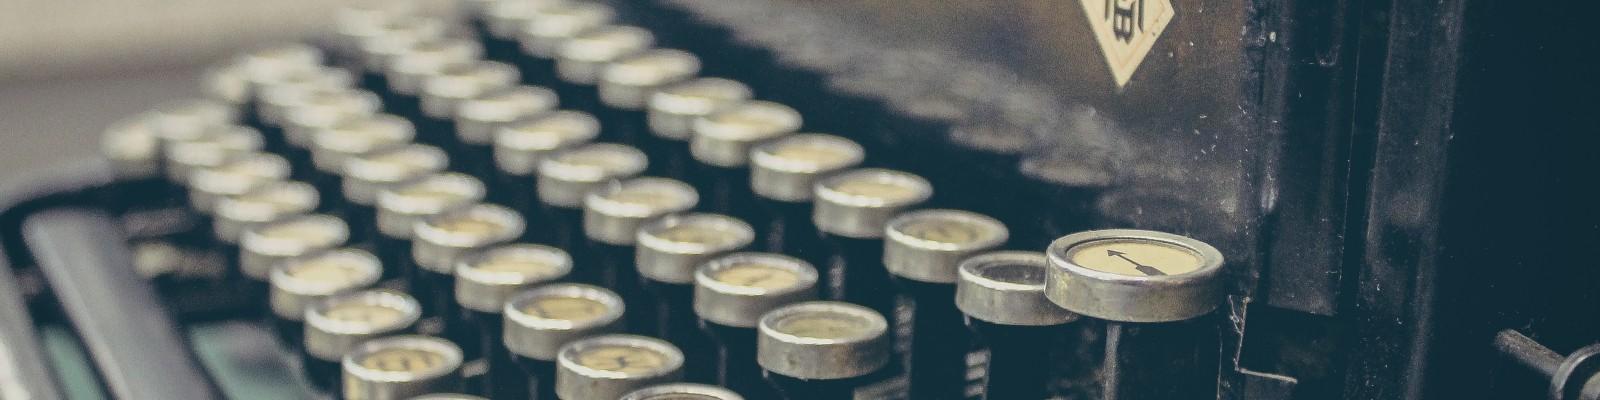 Image of a typewriter